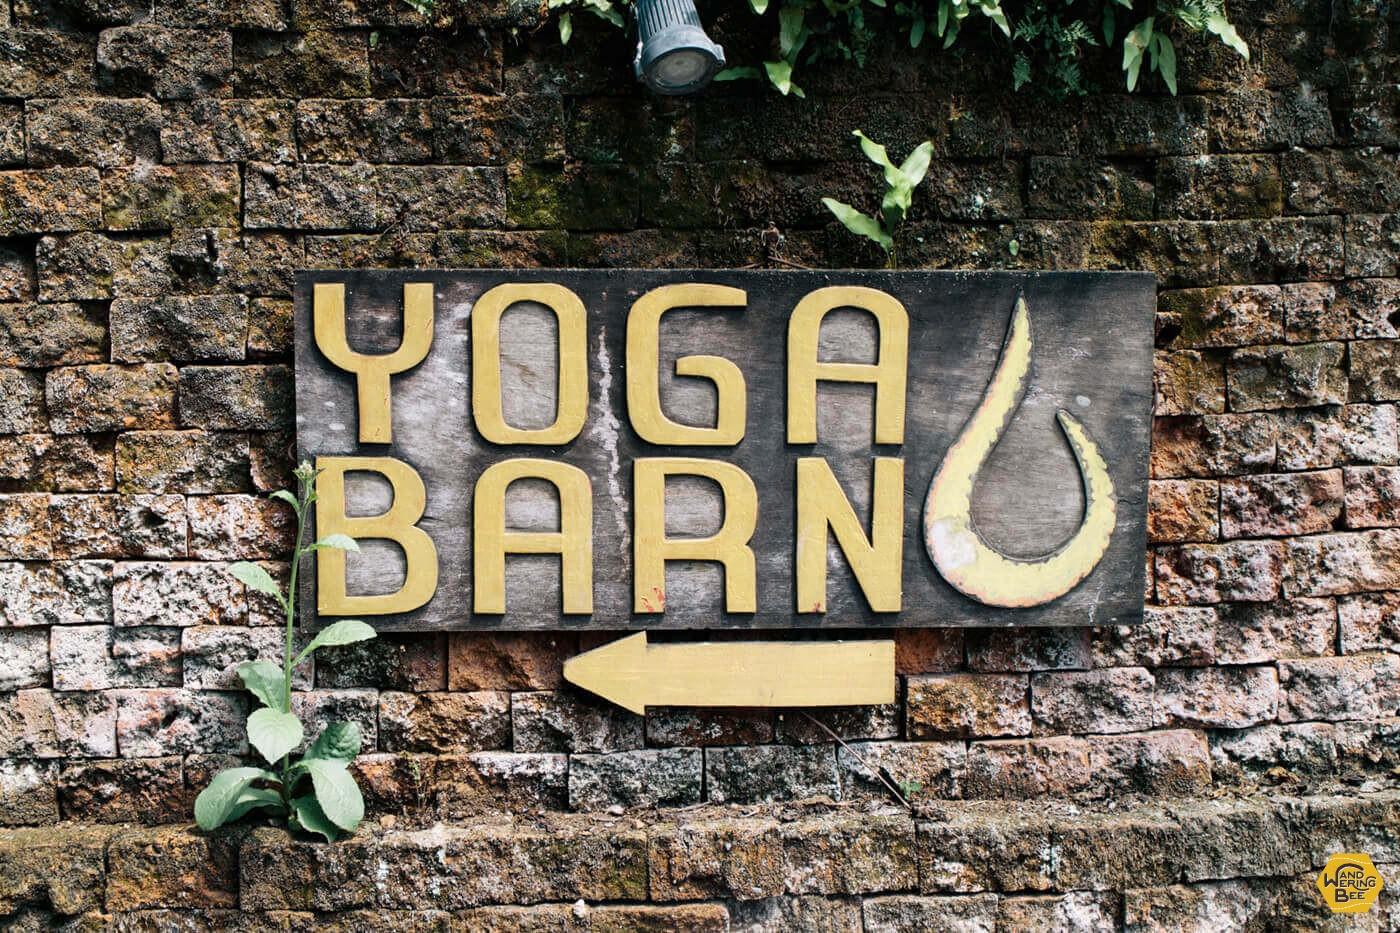 Yoga Barnの入口は少し分かりづらいのでご注意を